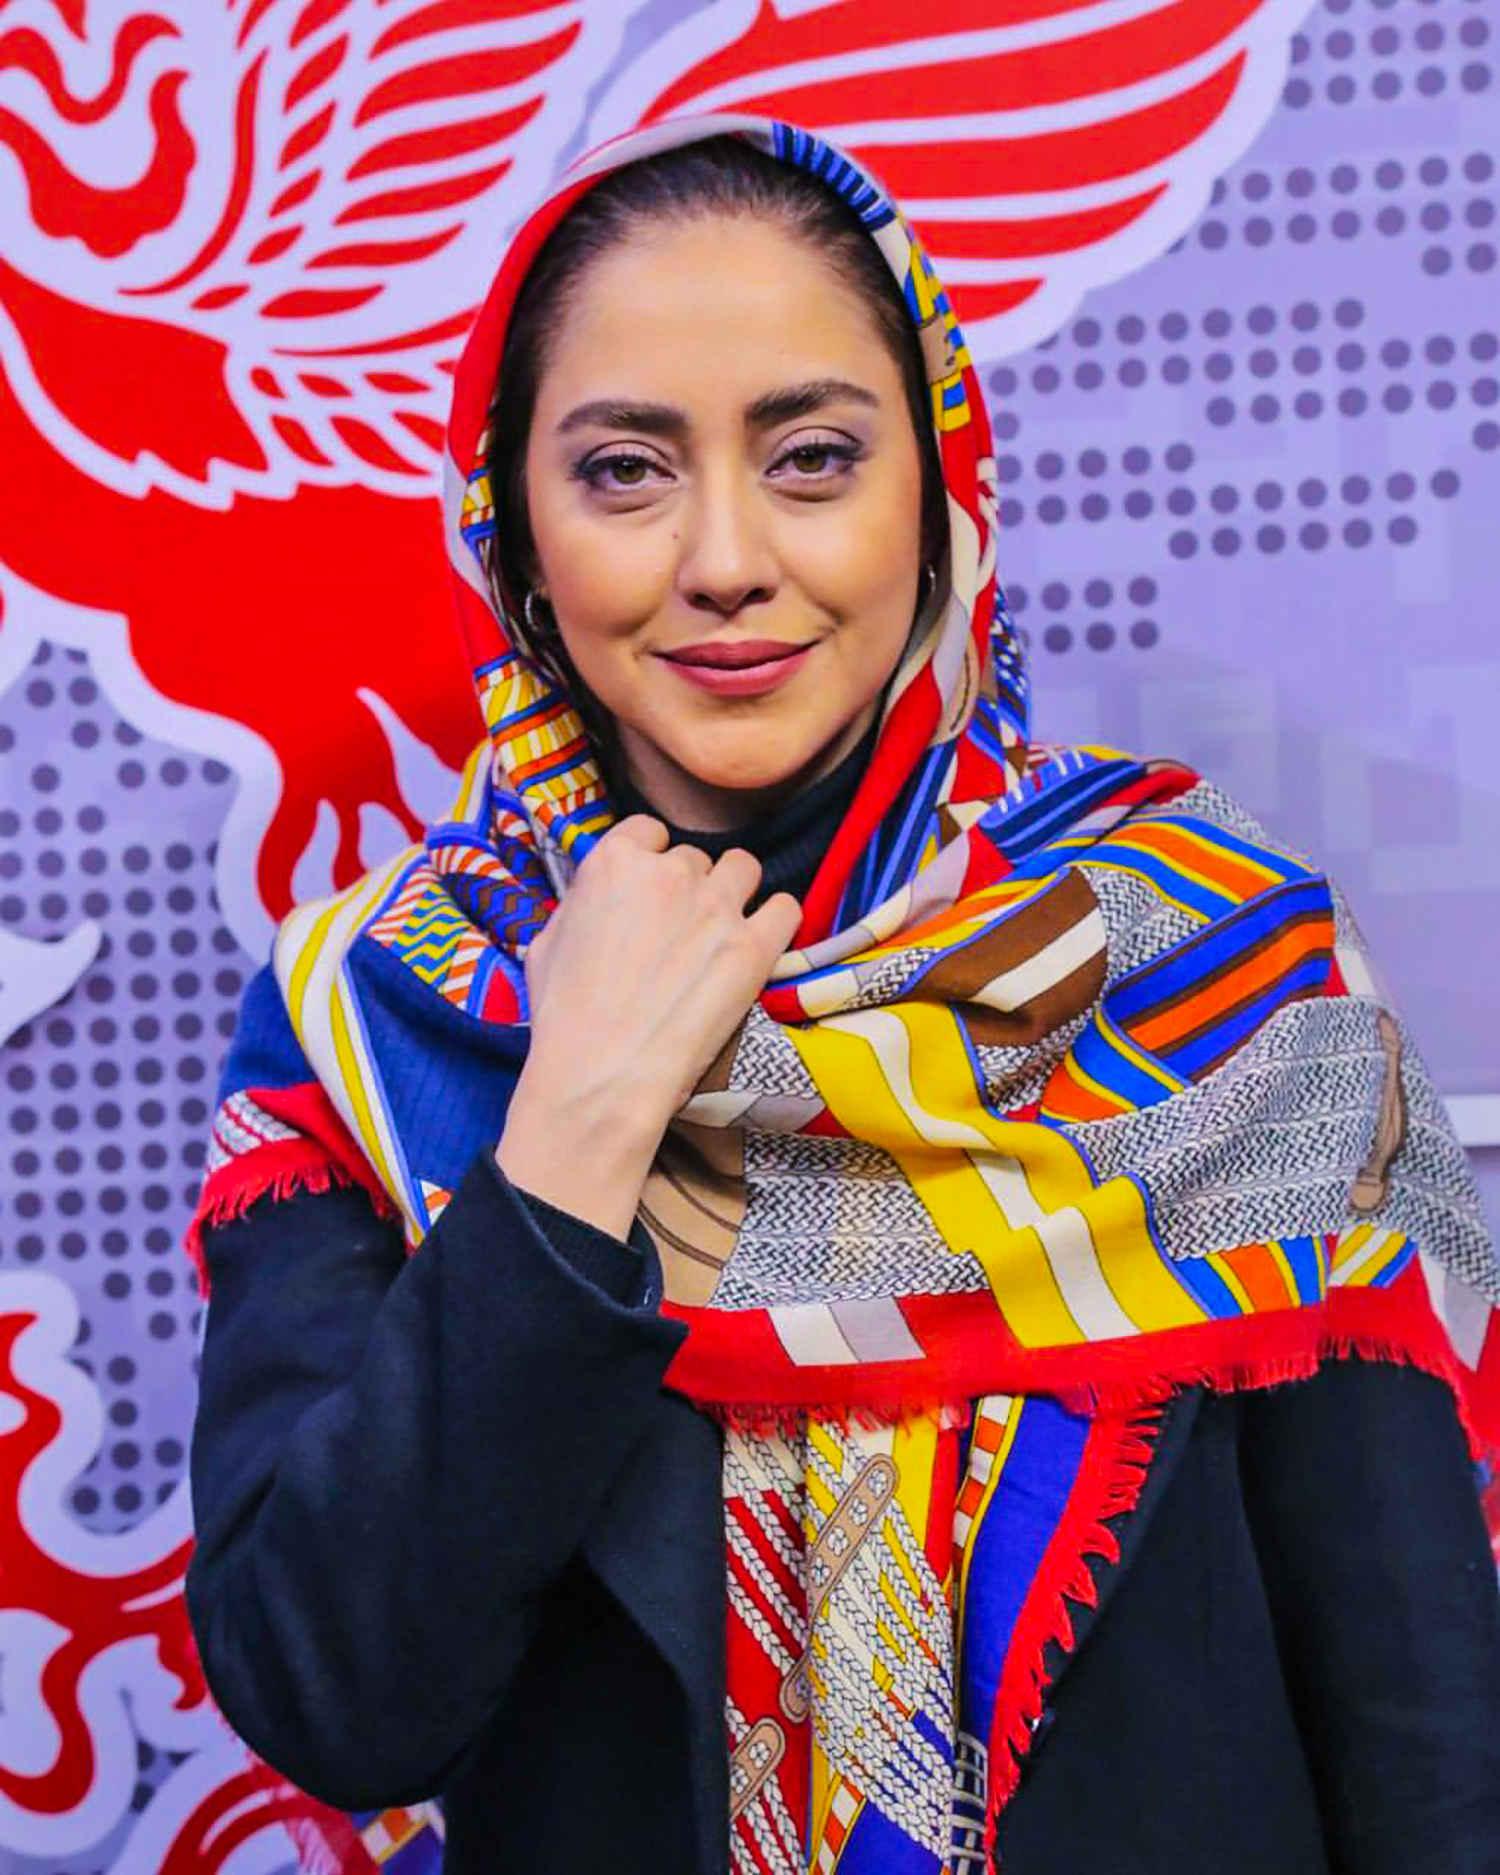 بهاره کیان افشار بازیگر در جشنواره فیلم فجر